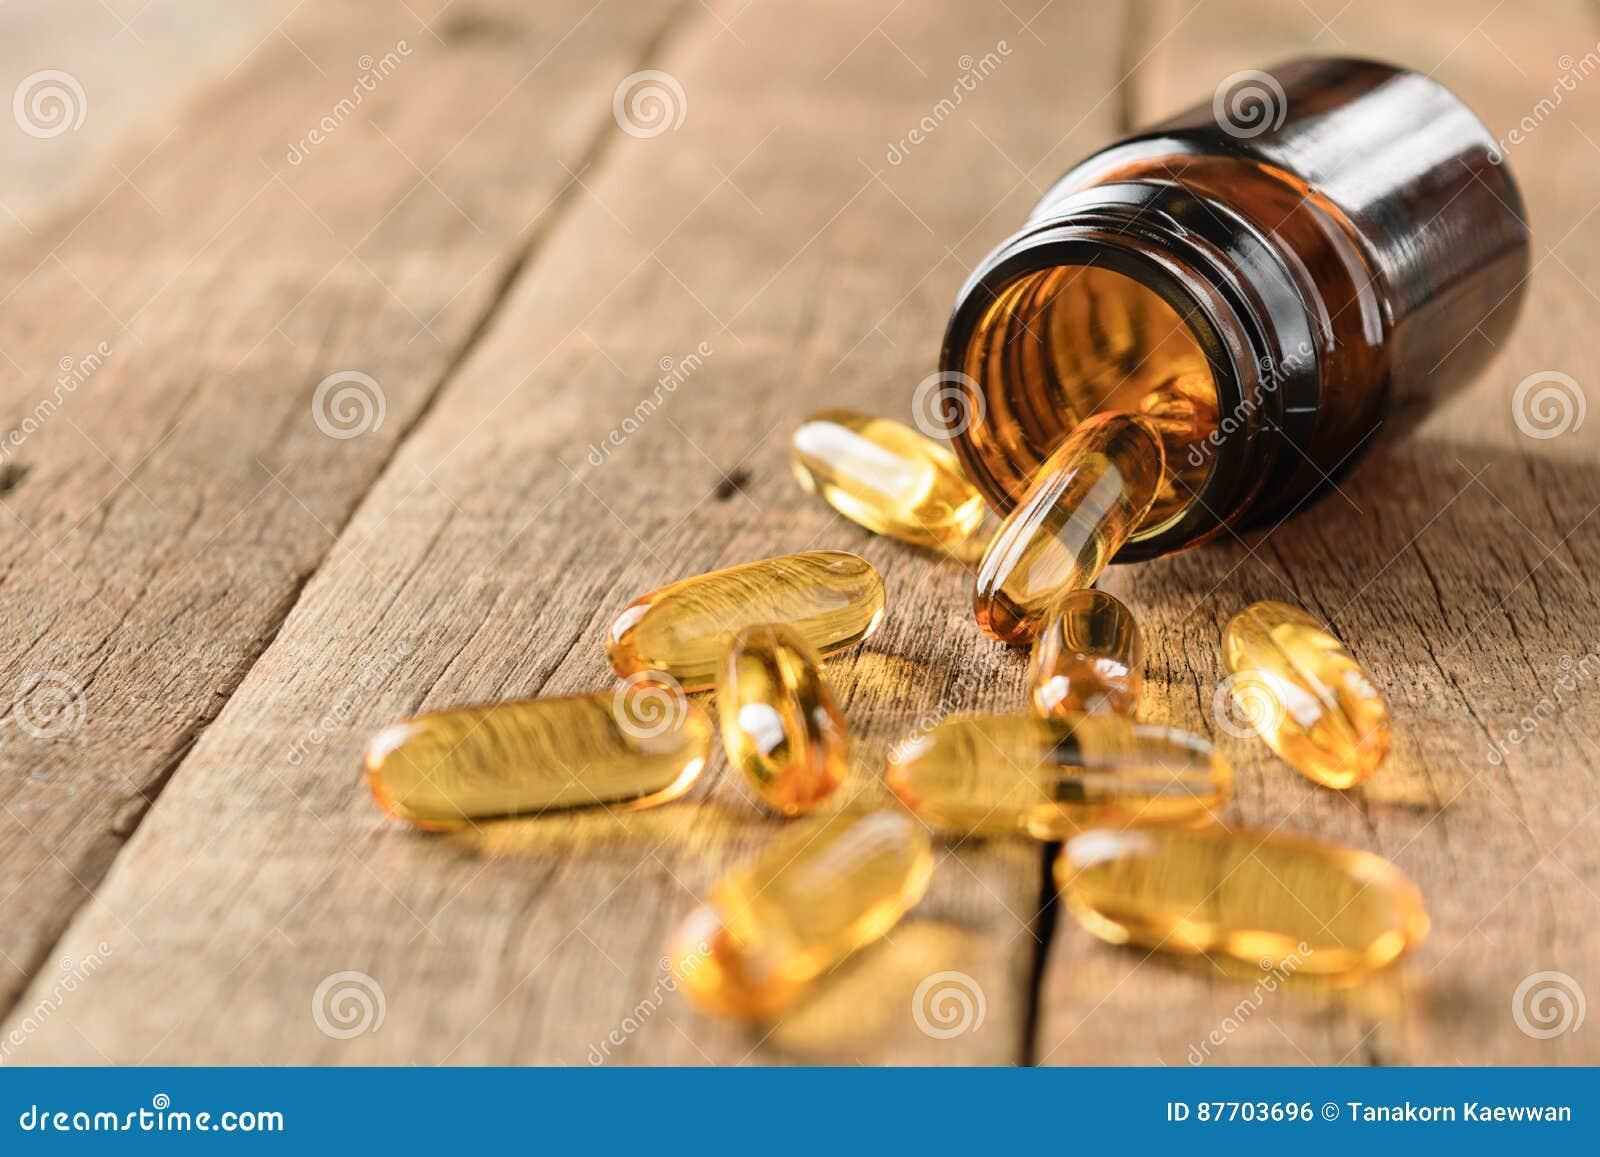 Le plan rapproché complète la bouteille de vitamines sur le fond en bois